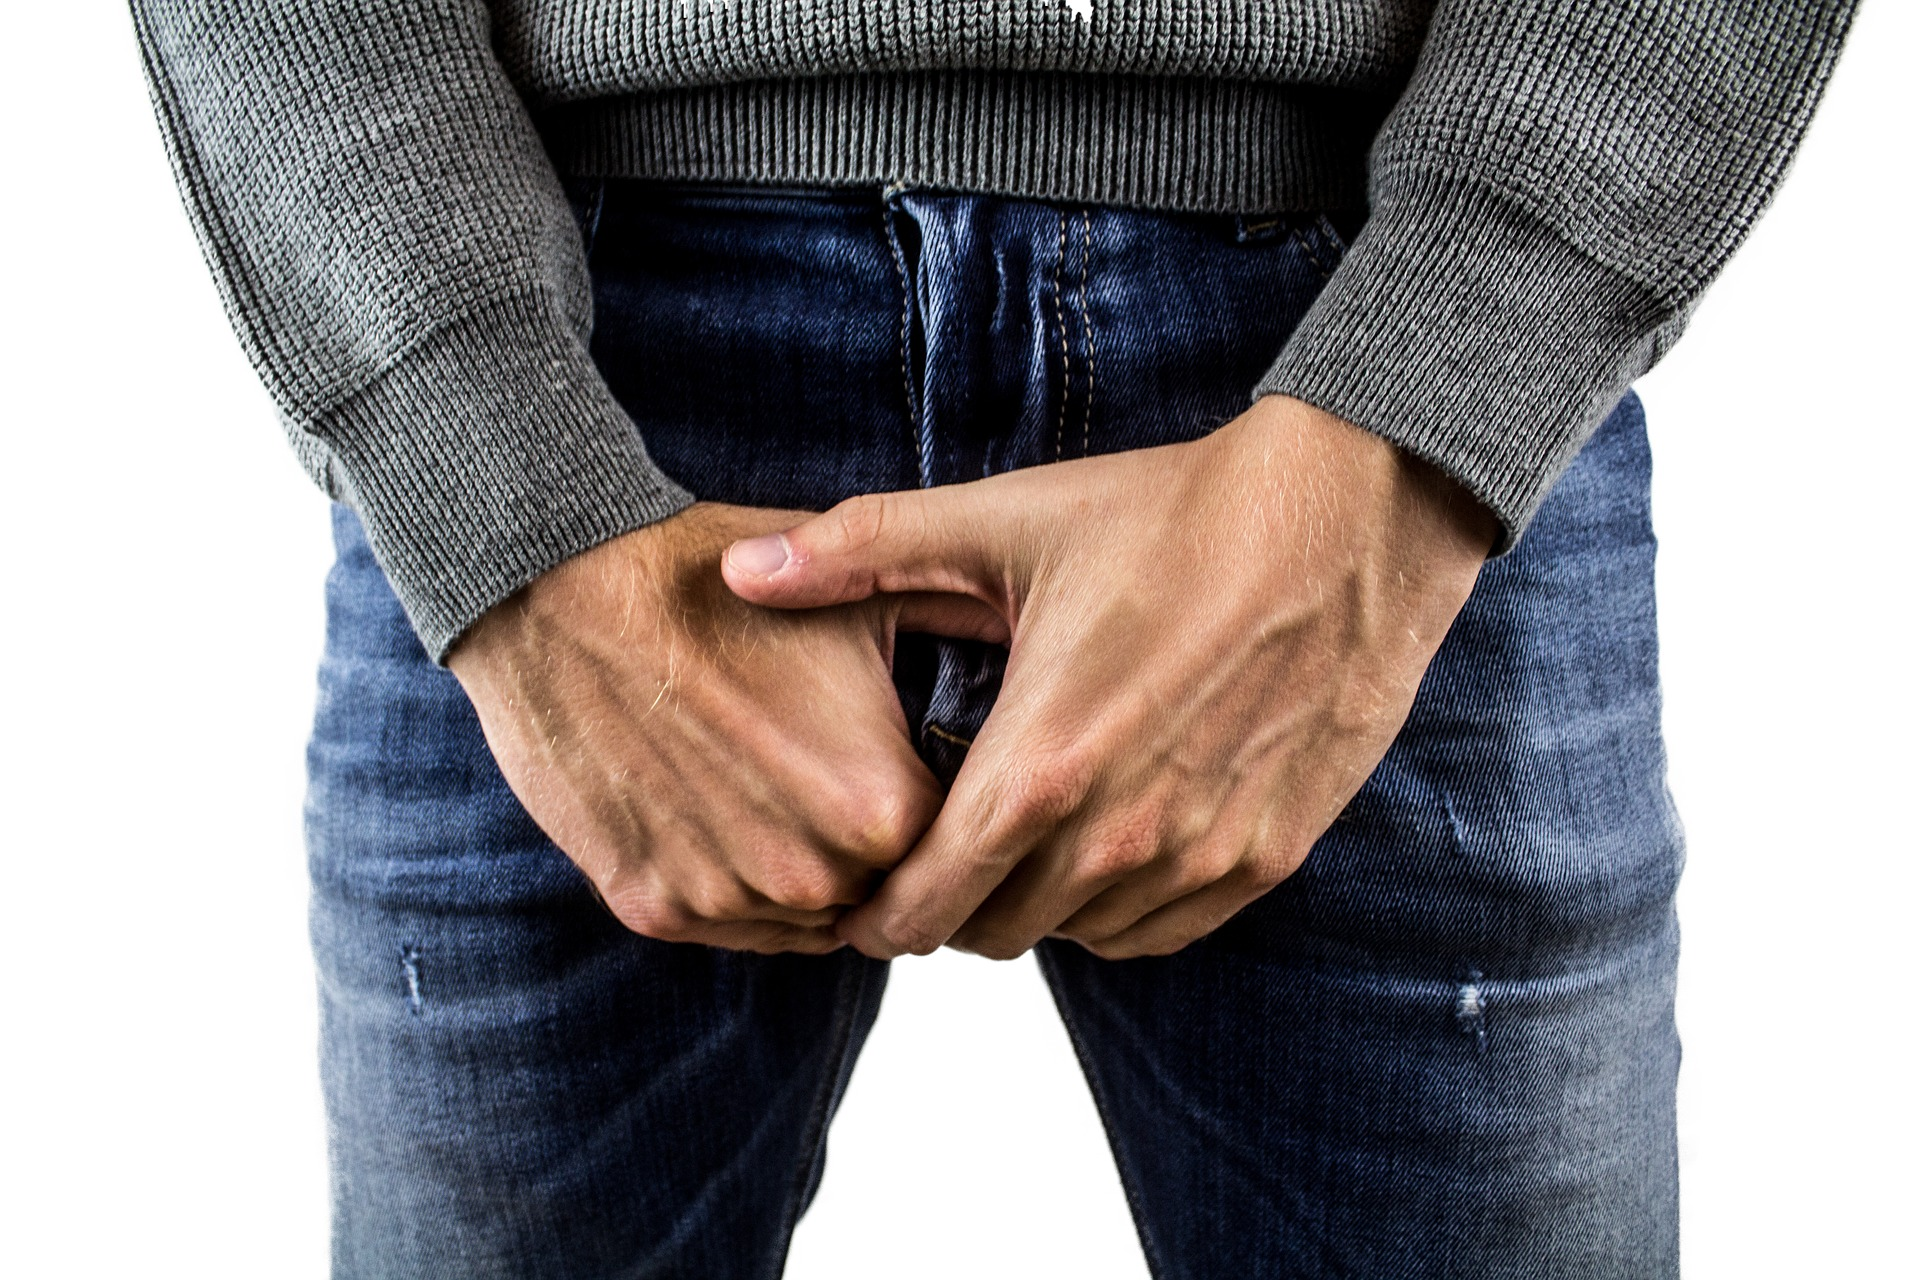 Fertilité masculine: solutions naturelles pour la dysfonction érectile